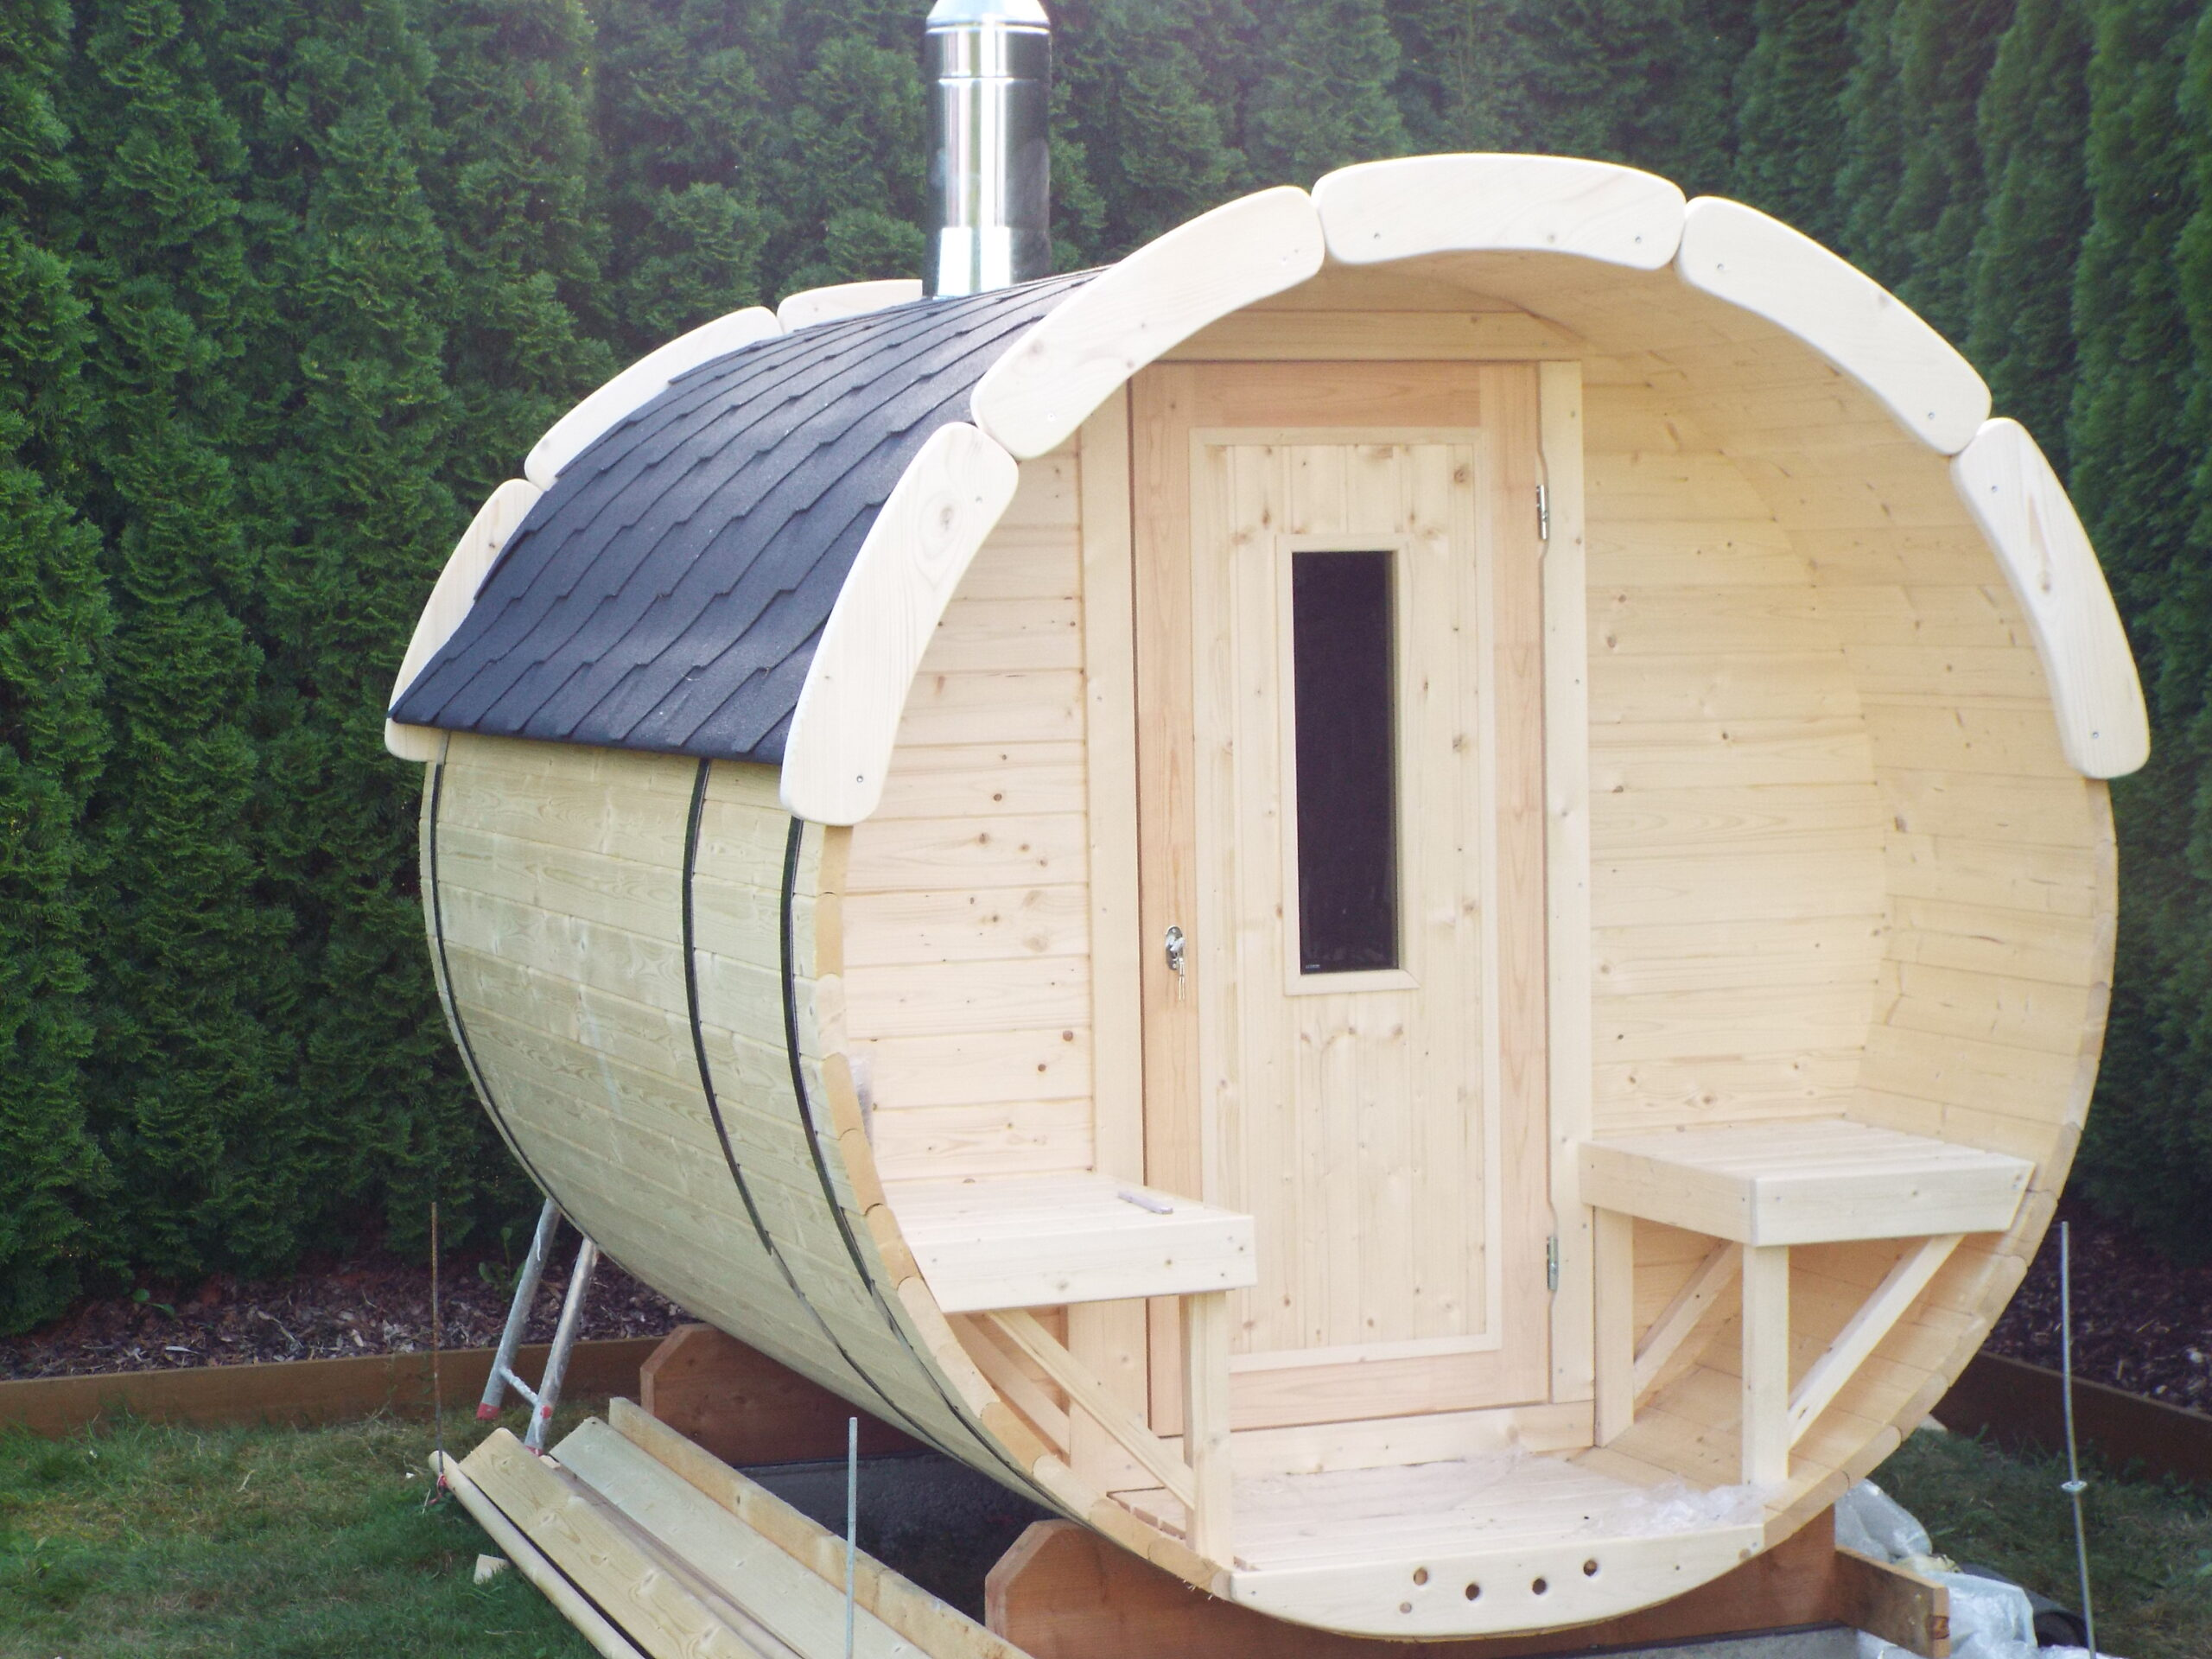 Full Size of Gartensauna Bausatz Fasssauna Mit Terrasse Sauna Ist Aus Verschiedem Holz Wohnzimmer Gartensauna Bausatz